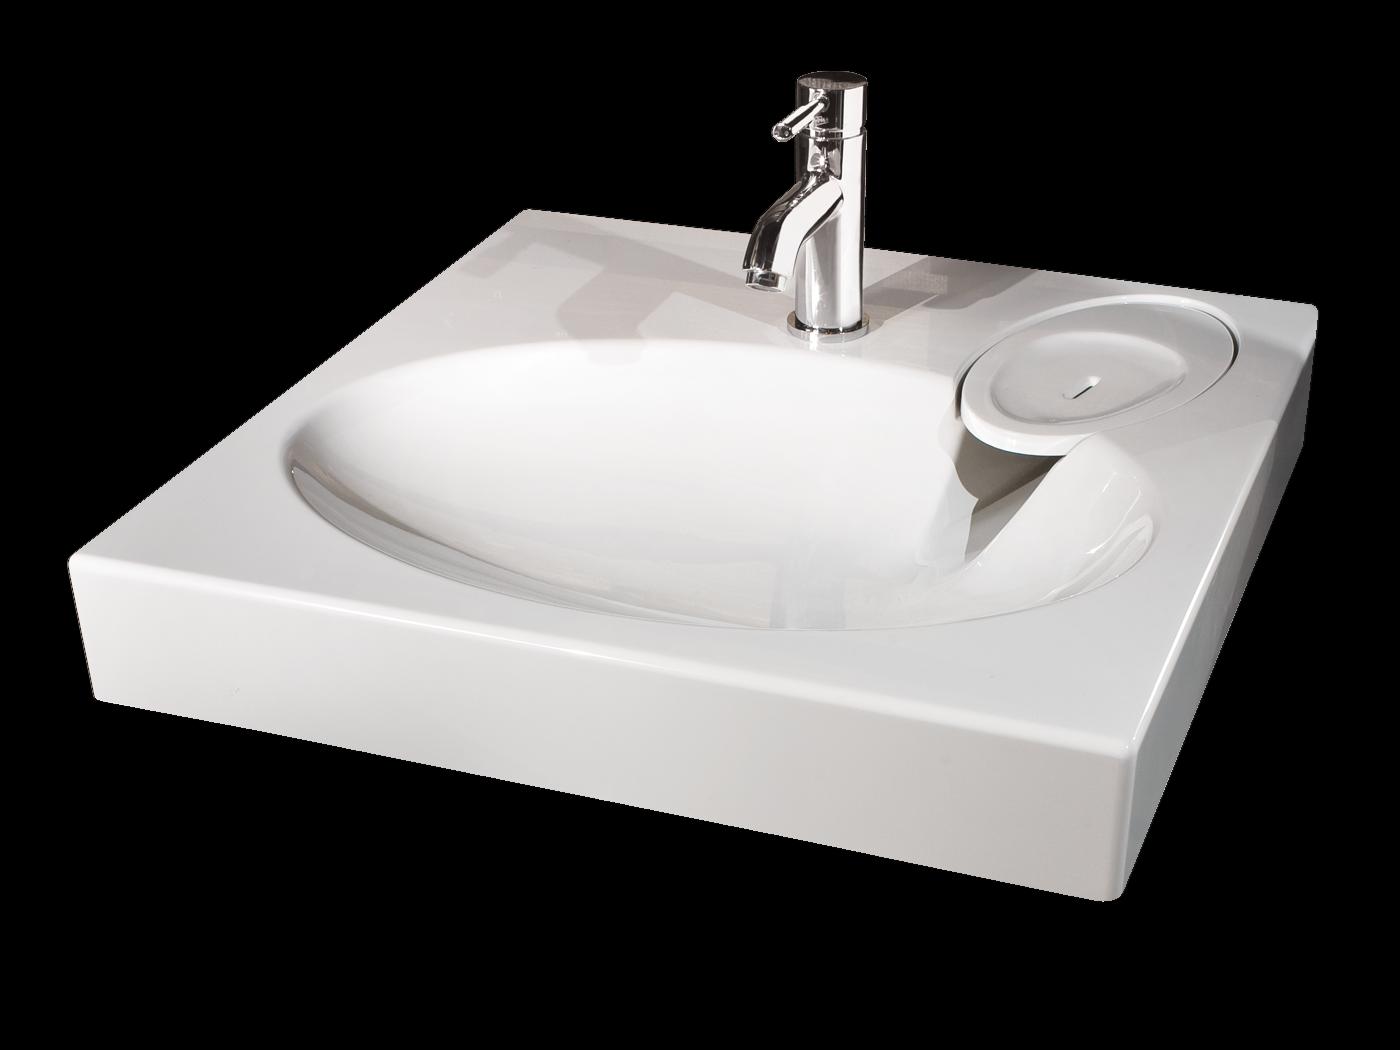 waschbecken claro aus mineralgussmarmor poliert stein sp le auf waschmaschine ebay. Black Bedroom Furniture Sets. Home Design Ideas